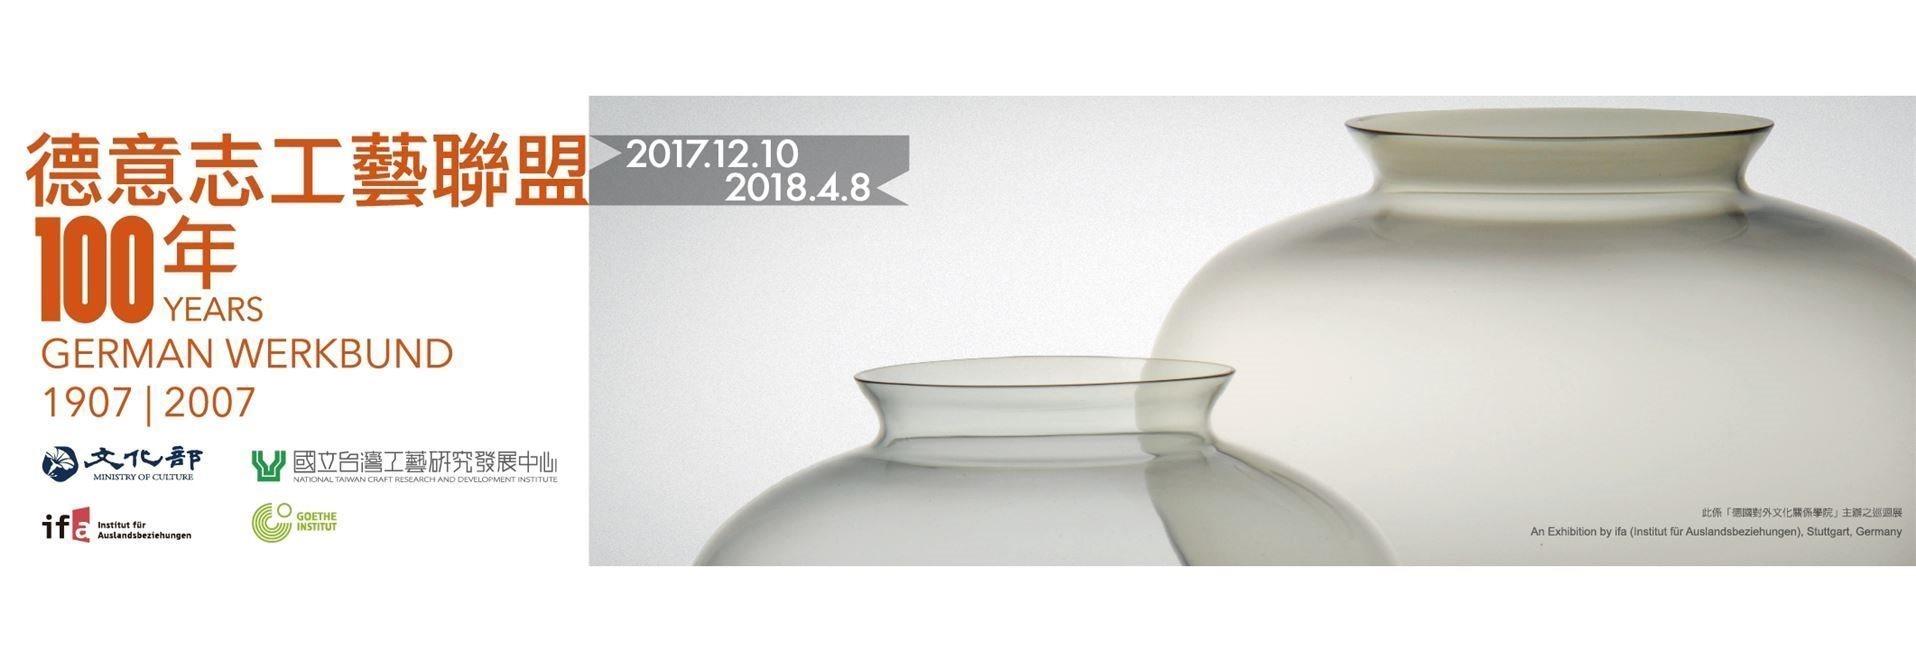 德意志工藝聯盟100年[另開新視窗]